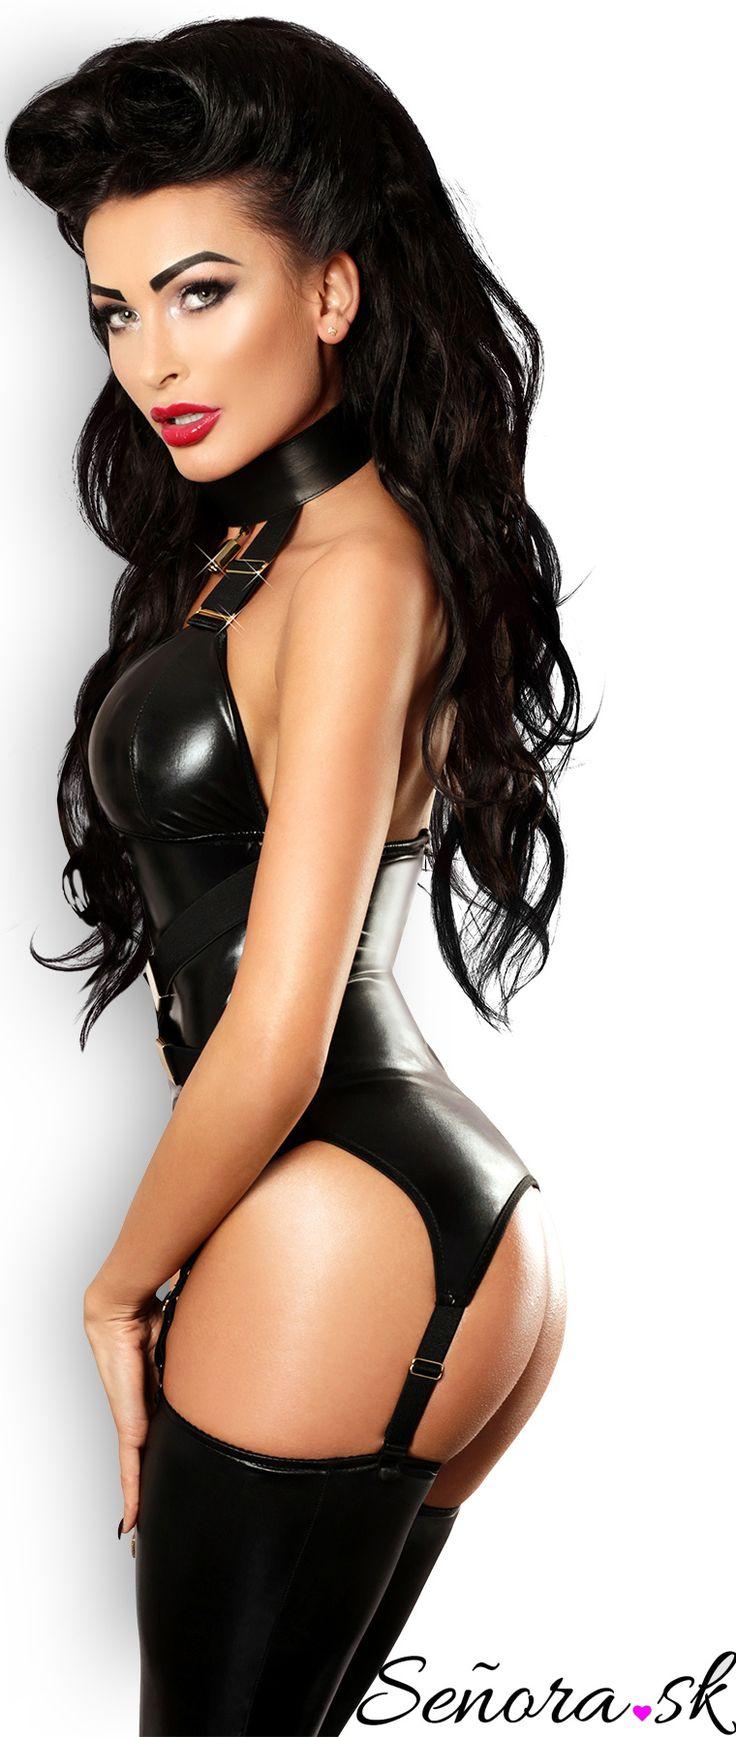 Lukratívne erotický set Admirable si zamilujete. Zvodný komplet je dokonale vyšperkovaný zlatou výzdobou a kladkou. Set sa skladá z priliehavého body v dráždivej čiernej farbe, so zapínaním na zips v zadnej časti a čiernych tango nohavičiek. Podväzky sú nastaviteľné. Spestrite svoj sexappeal dámy s erotickým setom Admirable. #spodnepradlo #senorask #ciernepradlo #musimmat